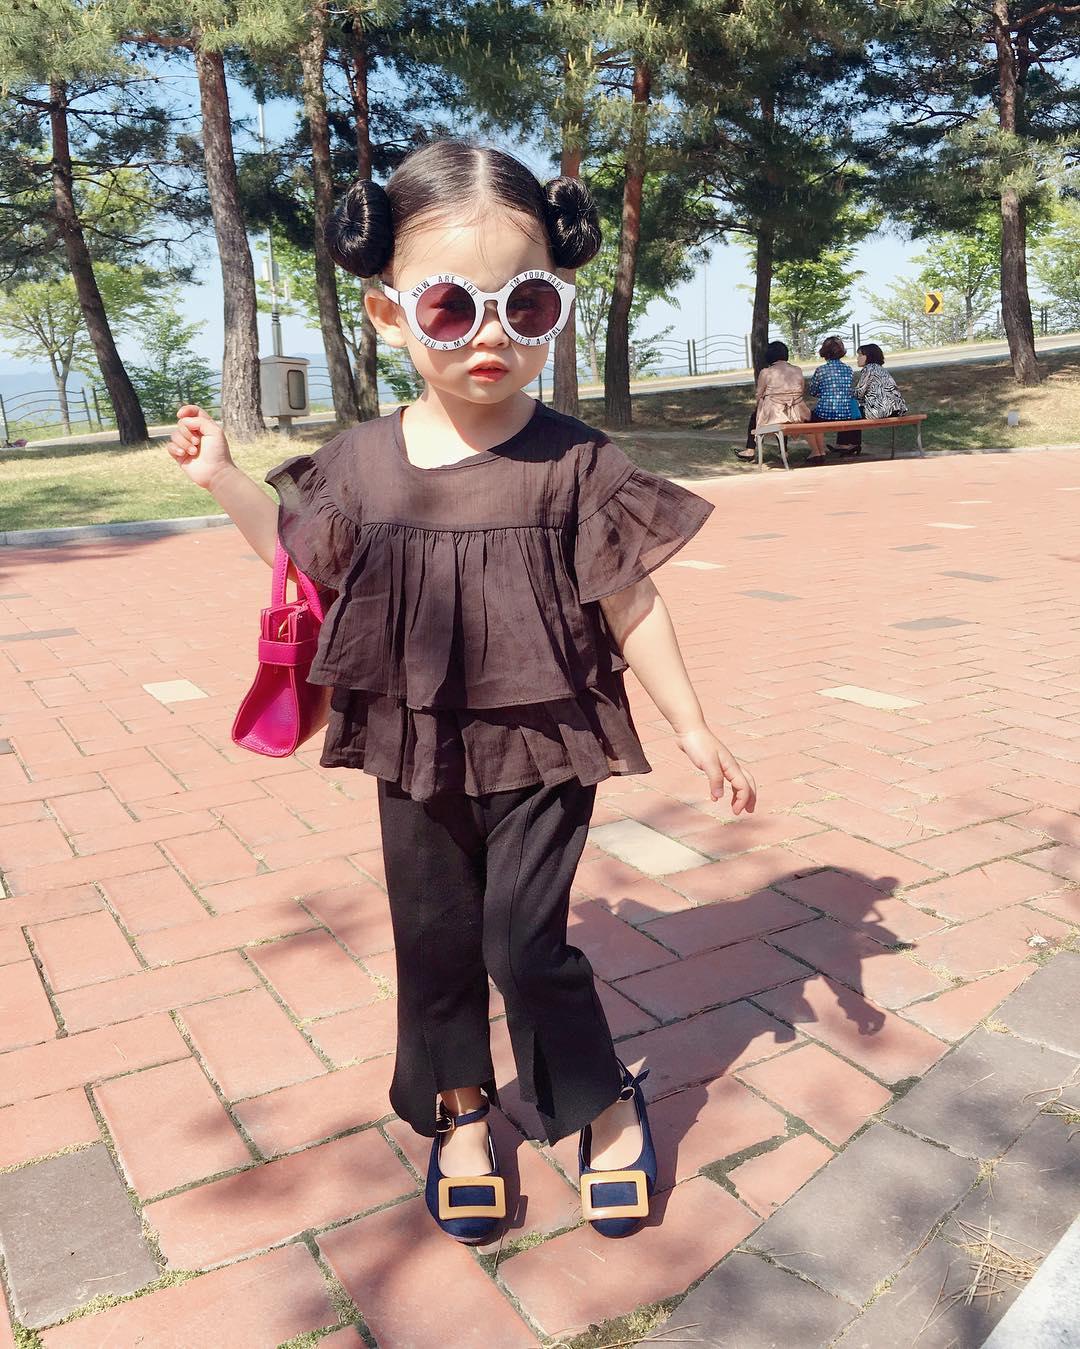 Mẹo nuôi con: Danh tính nhóc tì khiến cộng đồng mạng Việt Nam điên đảo vì phong cách thời trang 'chất phát ngất'